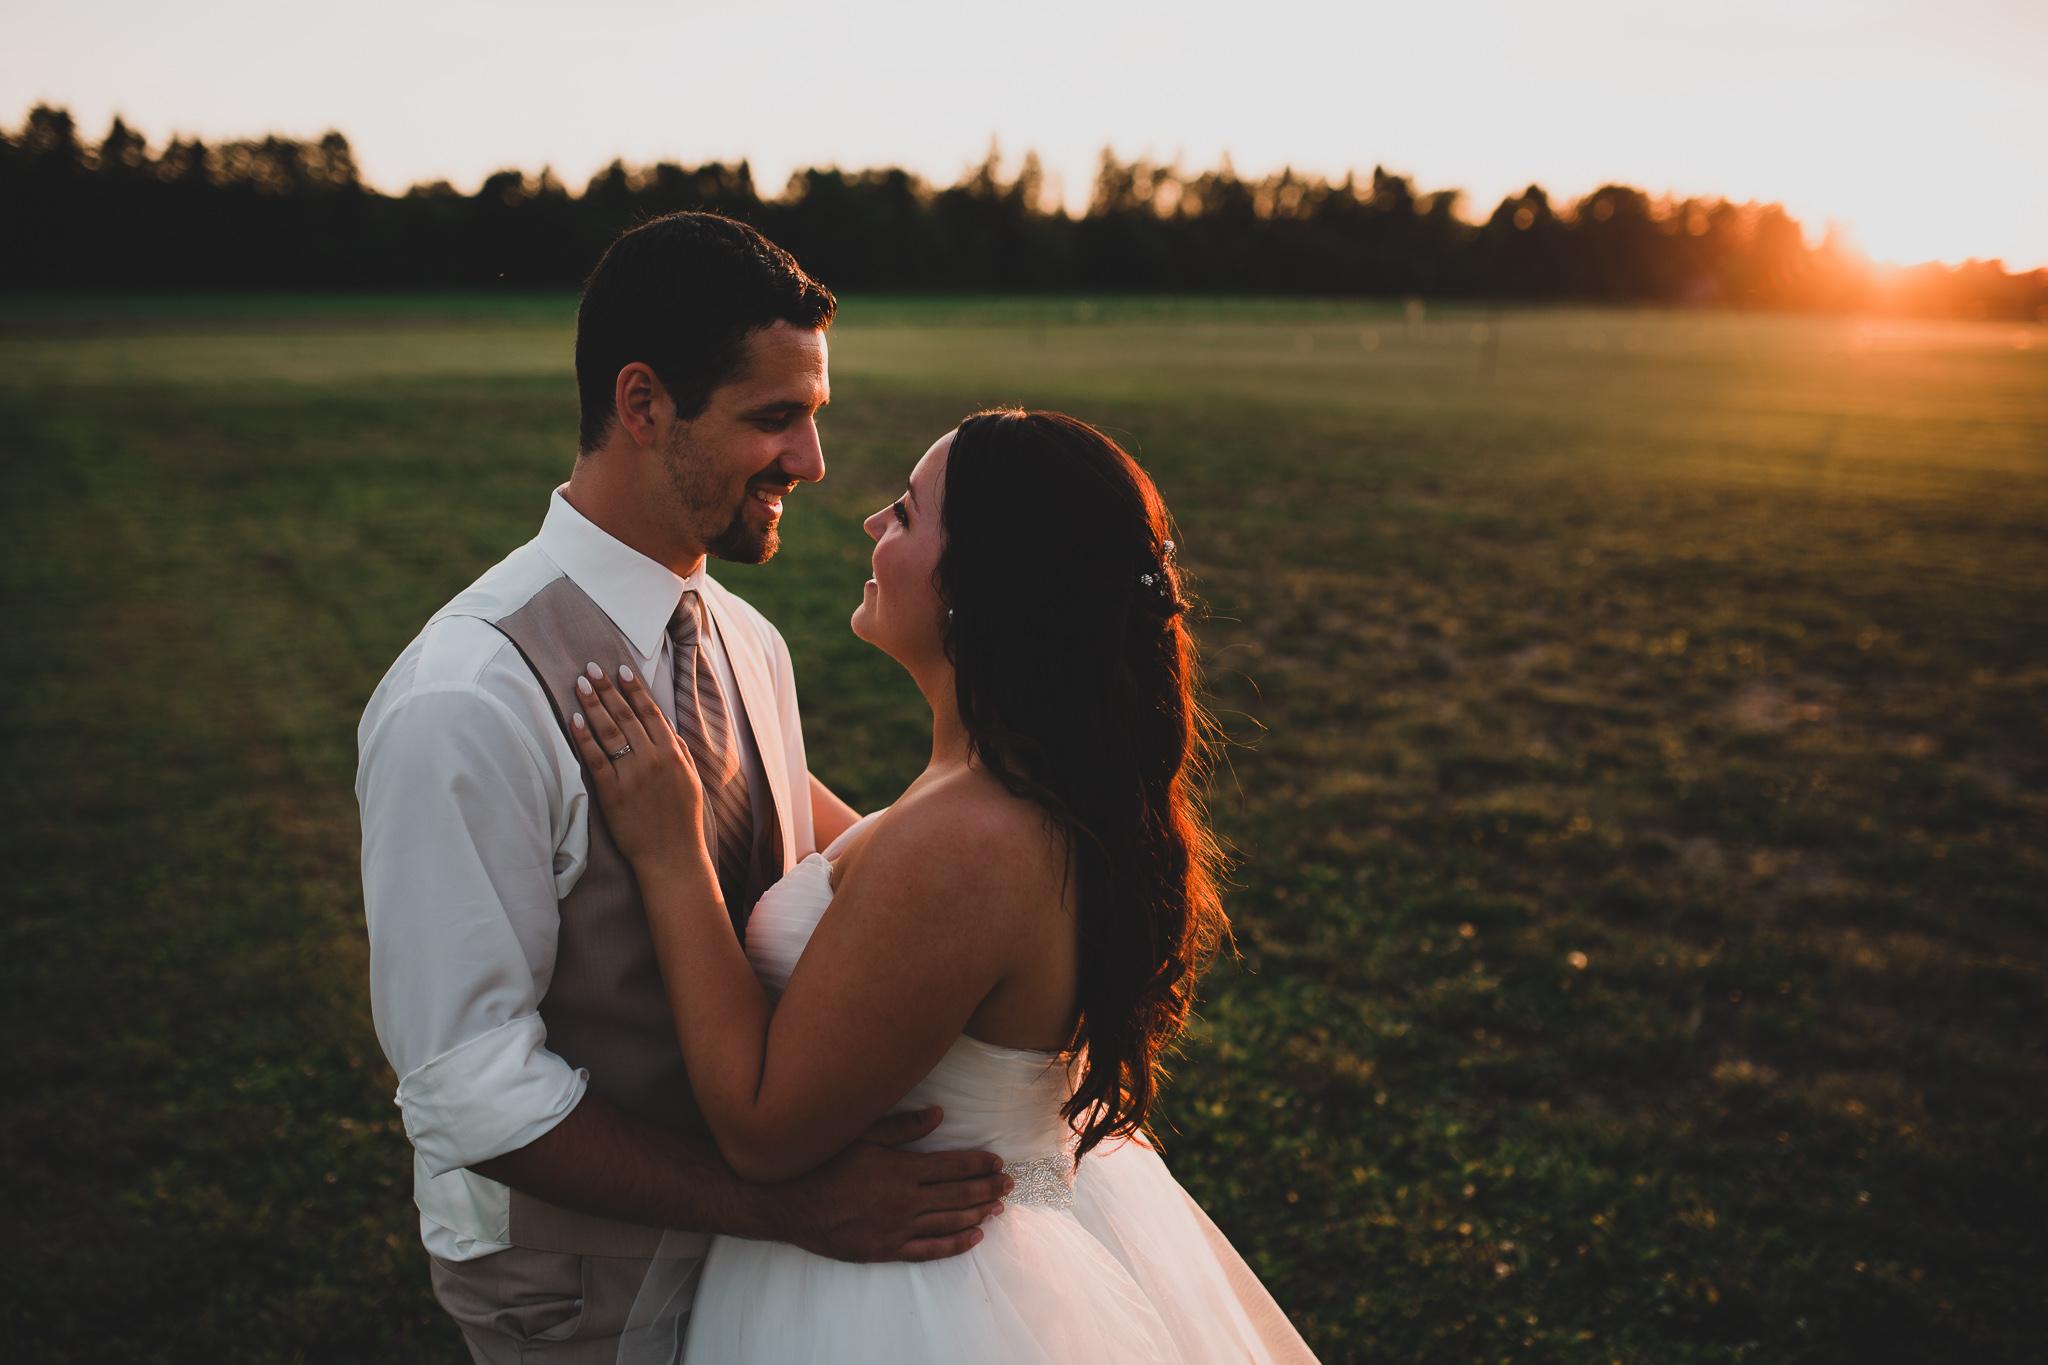 Sunset wedding photos, romantic natural